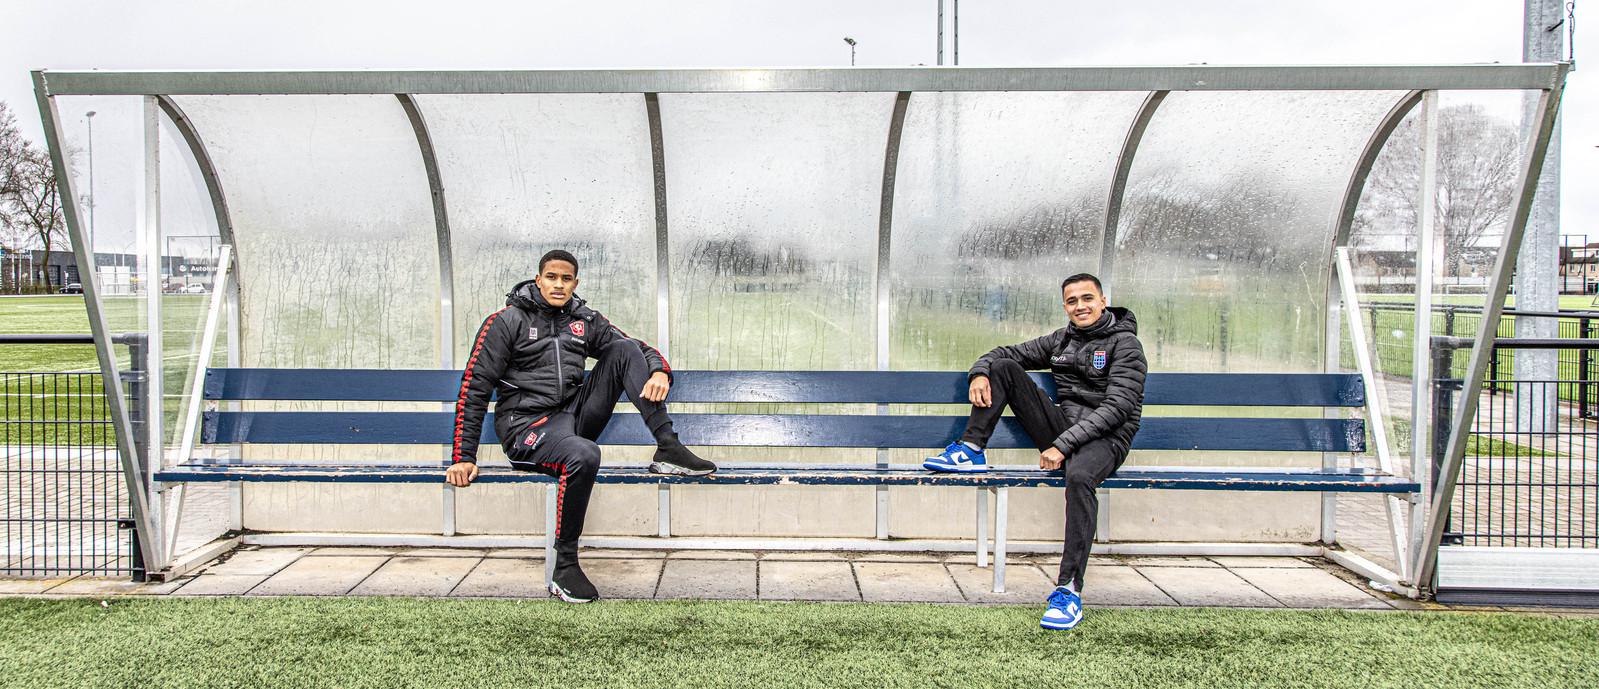 FC Twente-verdediger Jayden Oosterwolde (links) en PEC-middenvelder Eliano Reijnders voetbalden ooit samen in de jeugd van de Tukkers. Zaterdag spelen de Zwolse neven tegen elkaar.